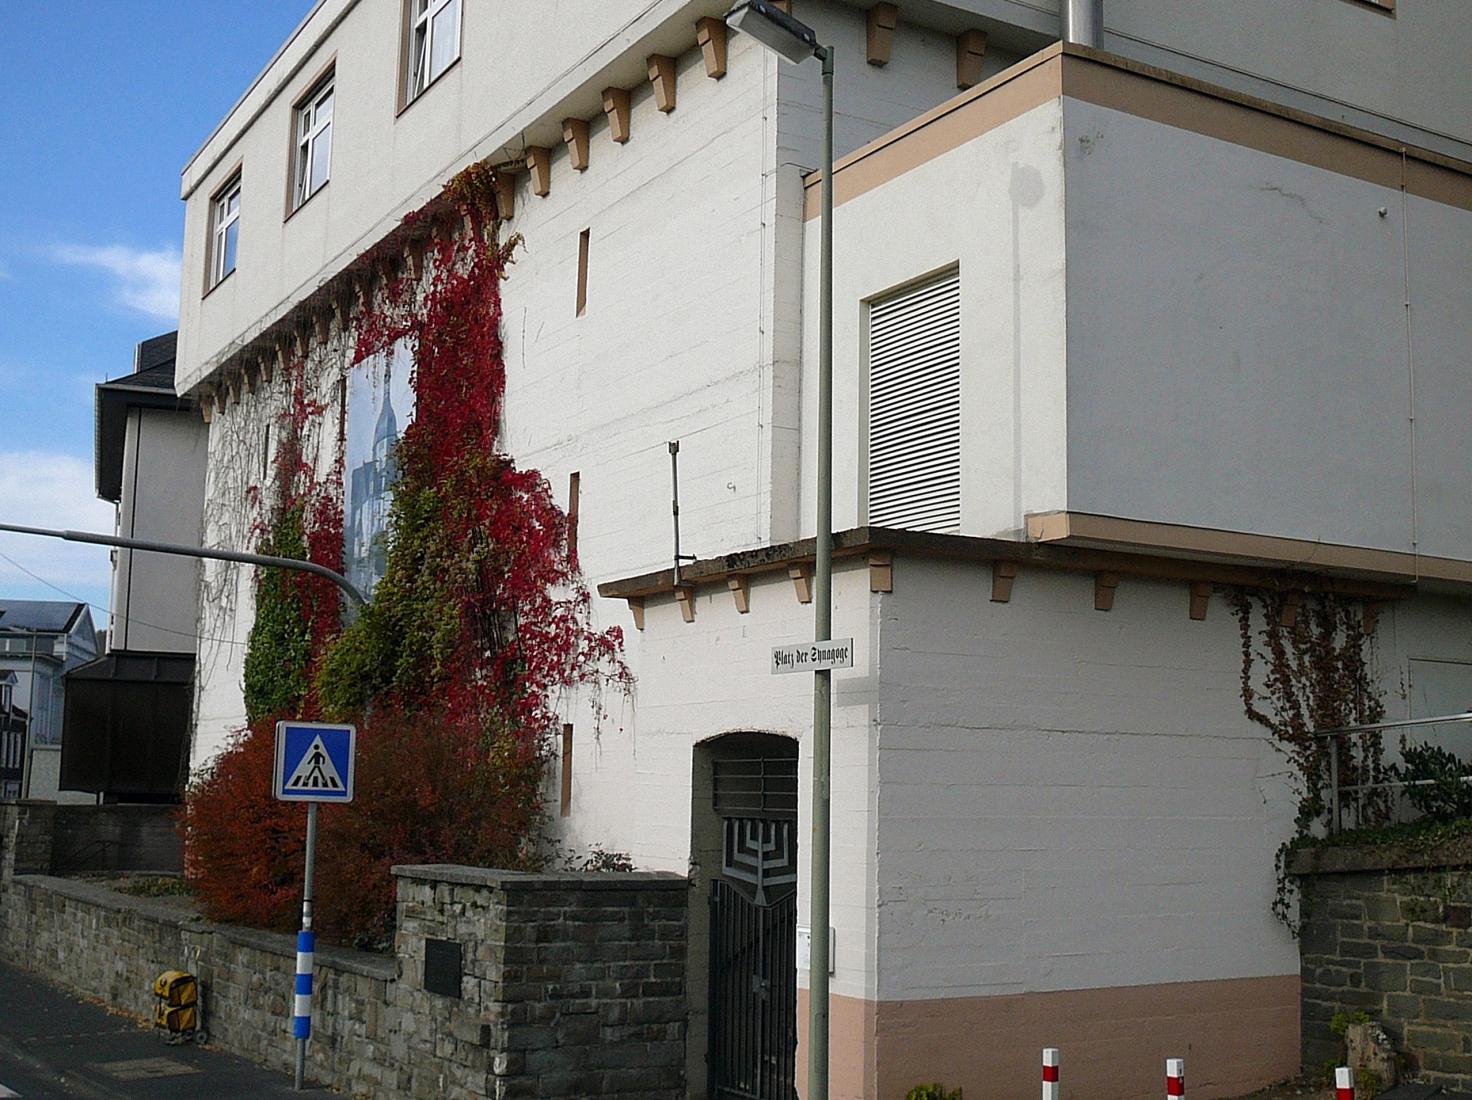 Großes, eckiges massives Gebäude. Eine Seitenwand ist zum Teil mit Efeu bewachsen. Zwischen dem Efeu ist das Bild der Siegener Synagoge an der Gebäudewand angebracht.